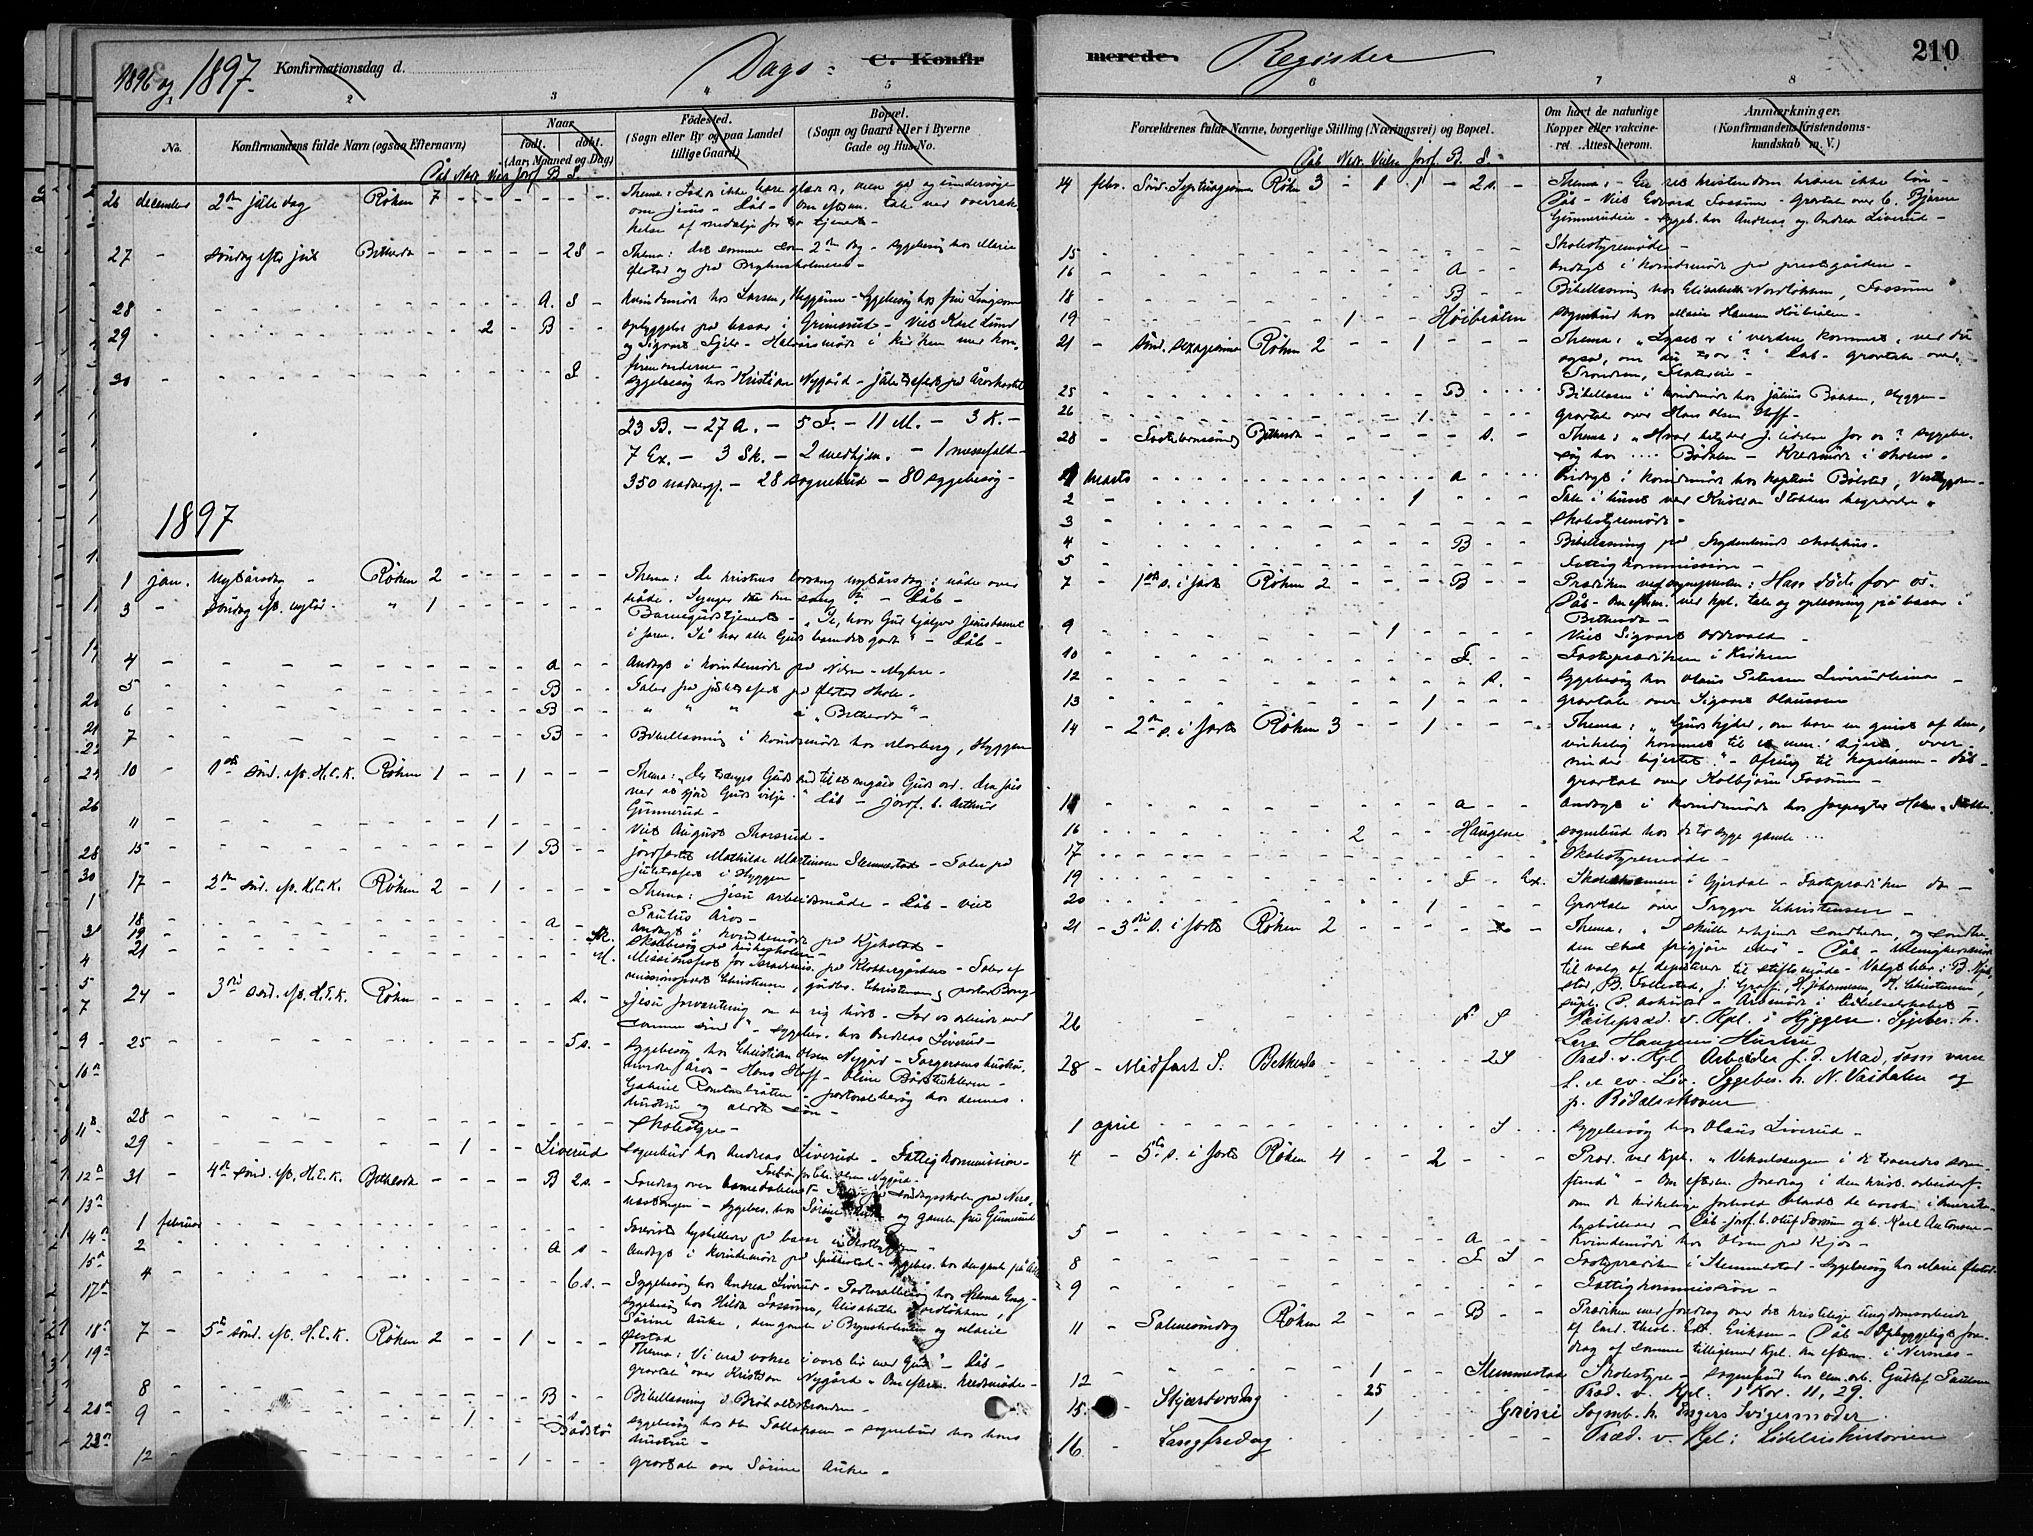 SAKO, Røyken kirkebøker, F/Fa/L0008: Ministerialbok nr. 8, 1880-1897, s. 210